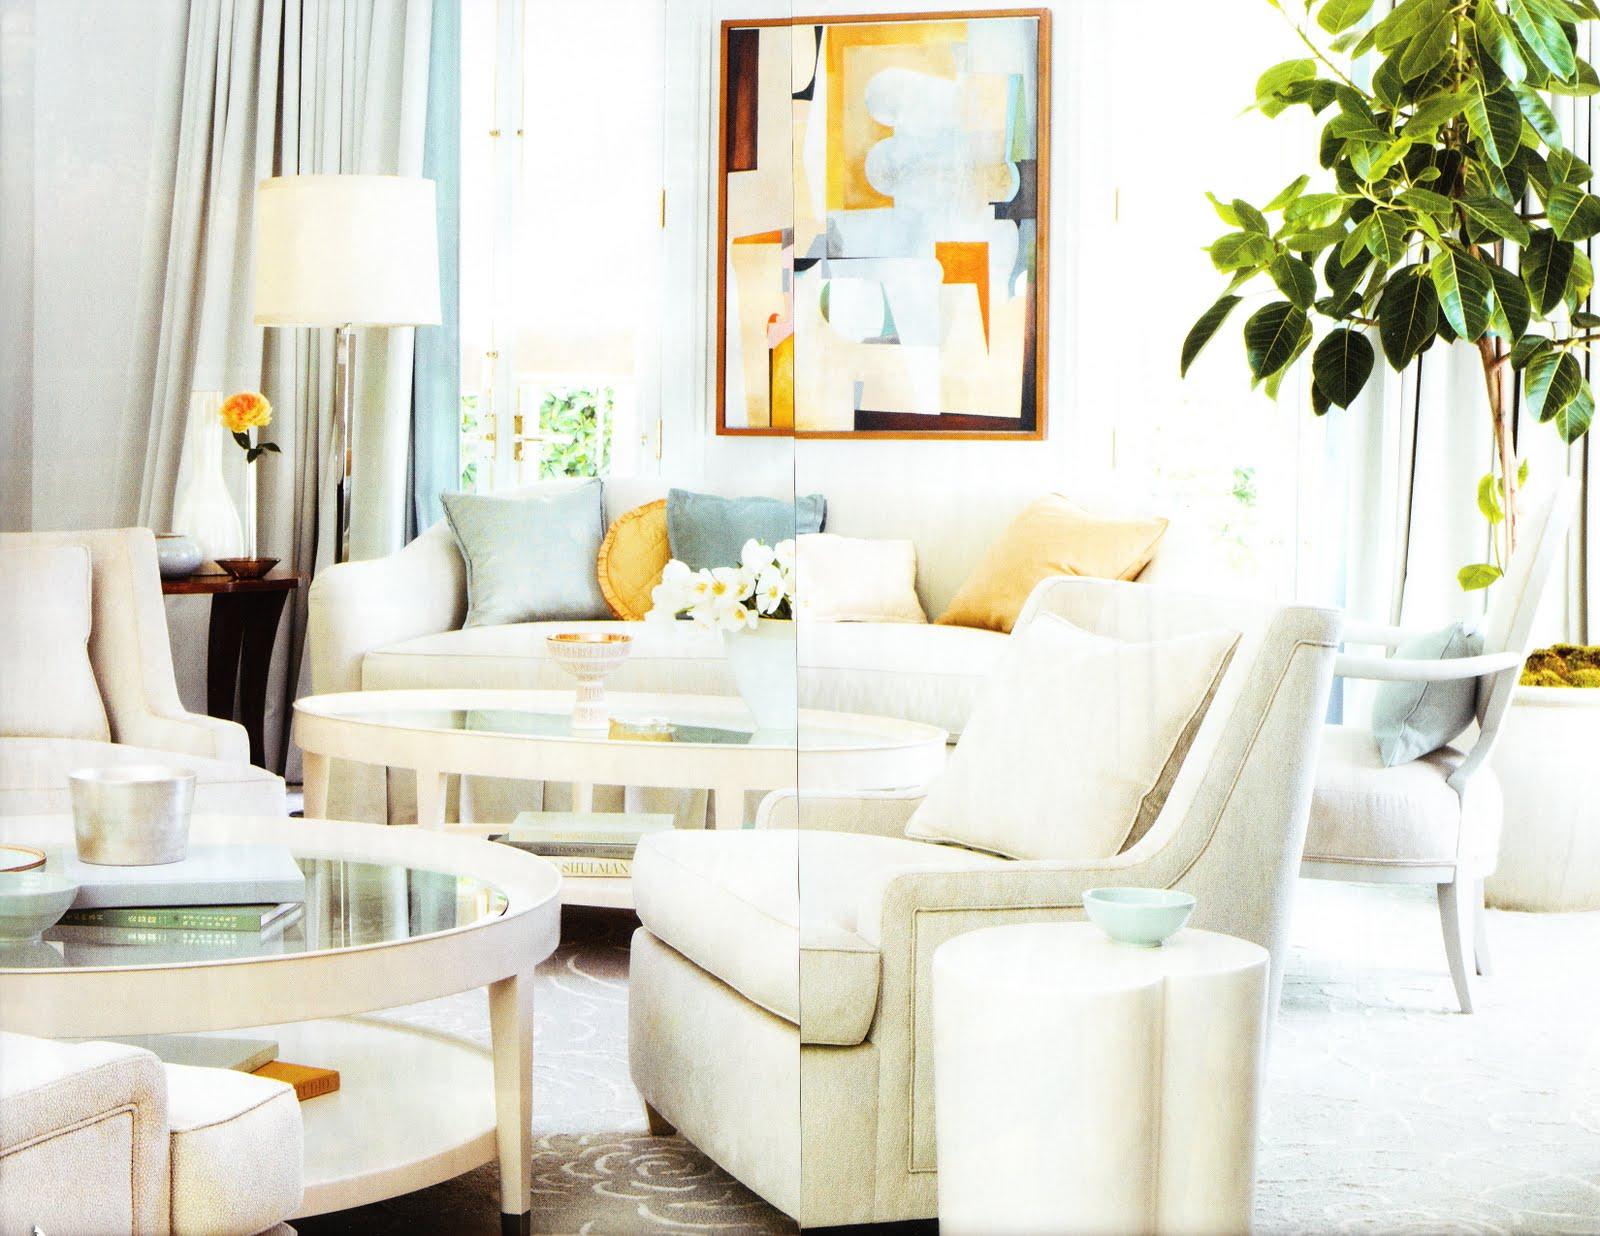 Barbara Barry Tranquil Calm An Interior Design